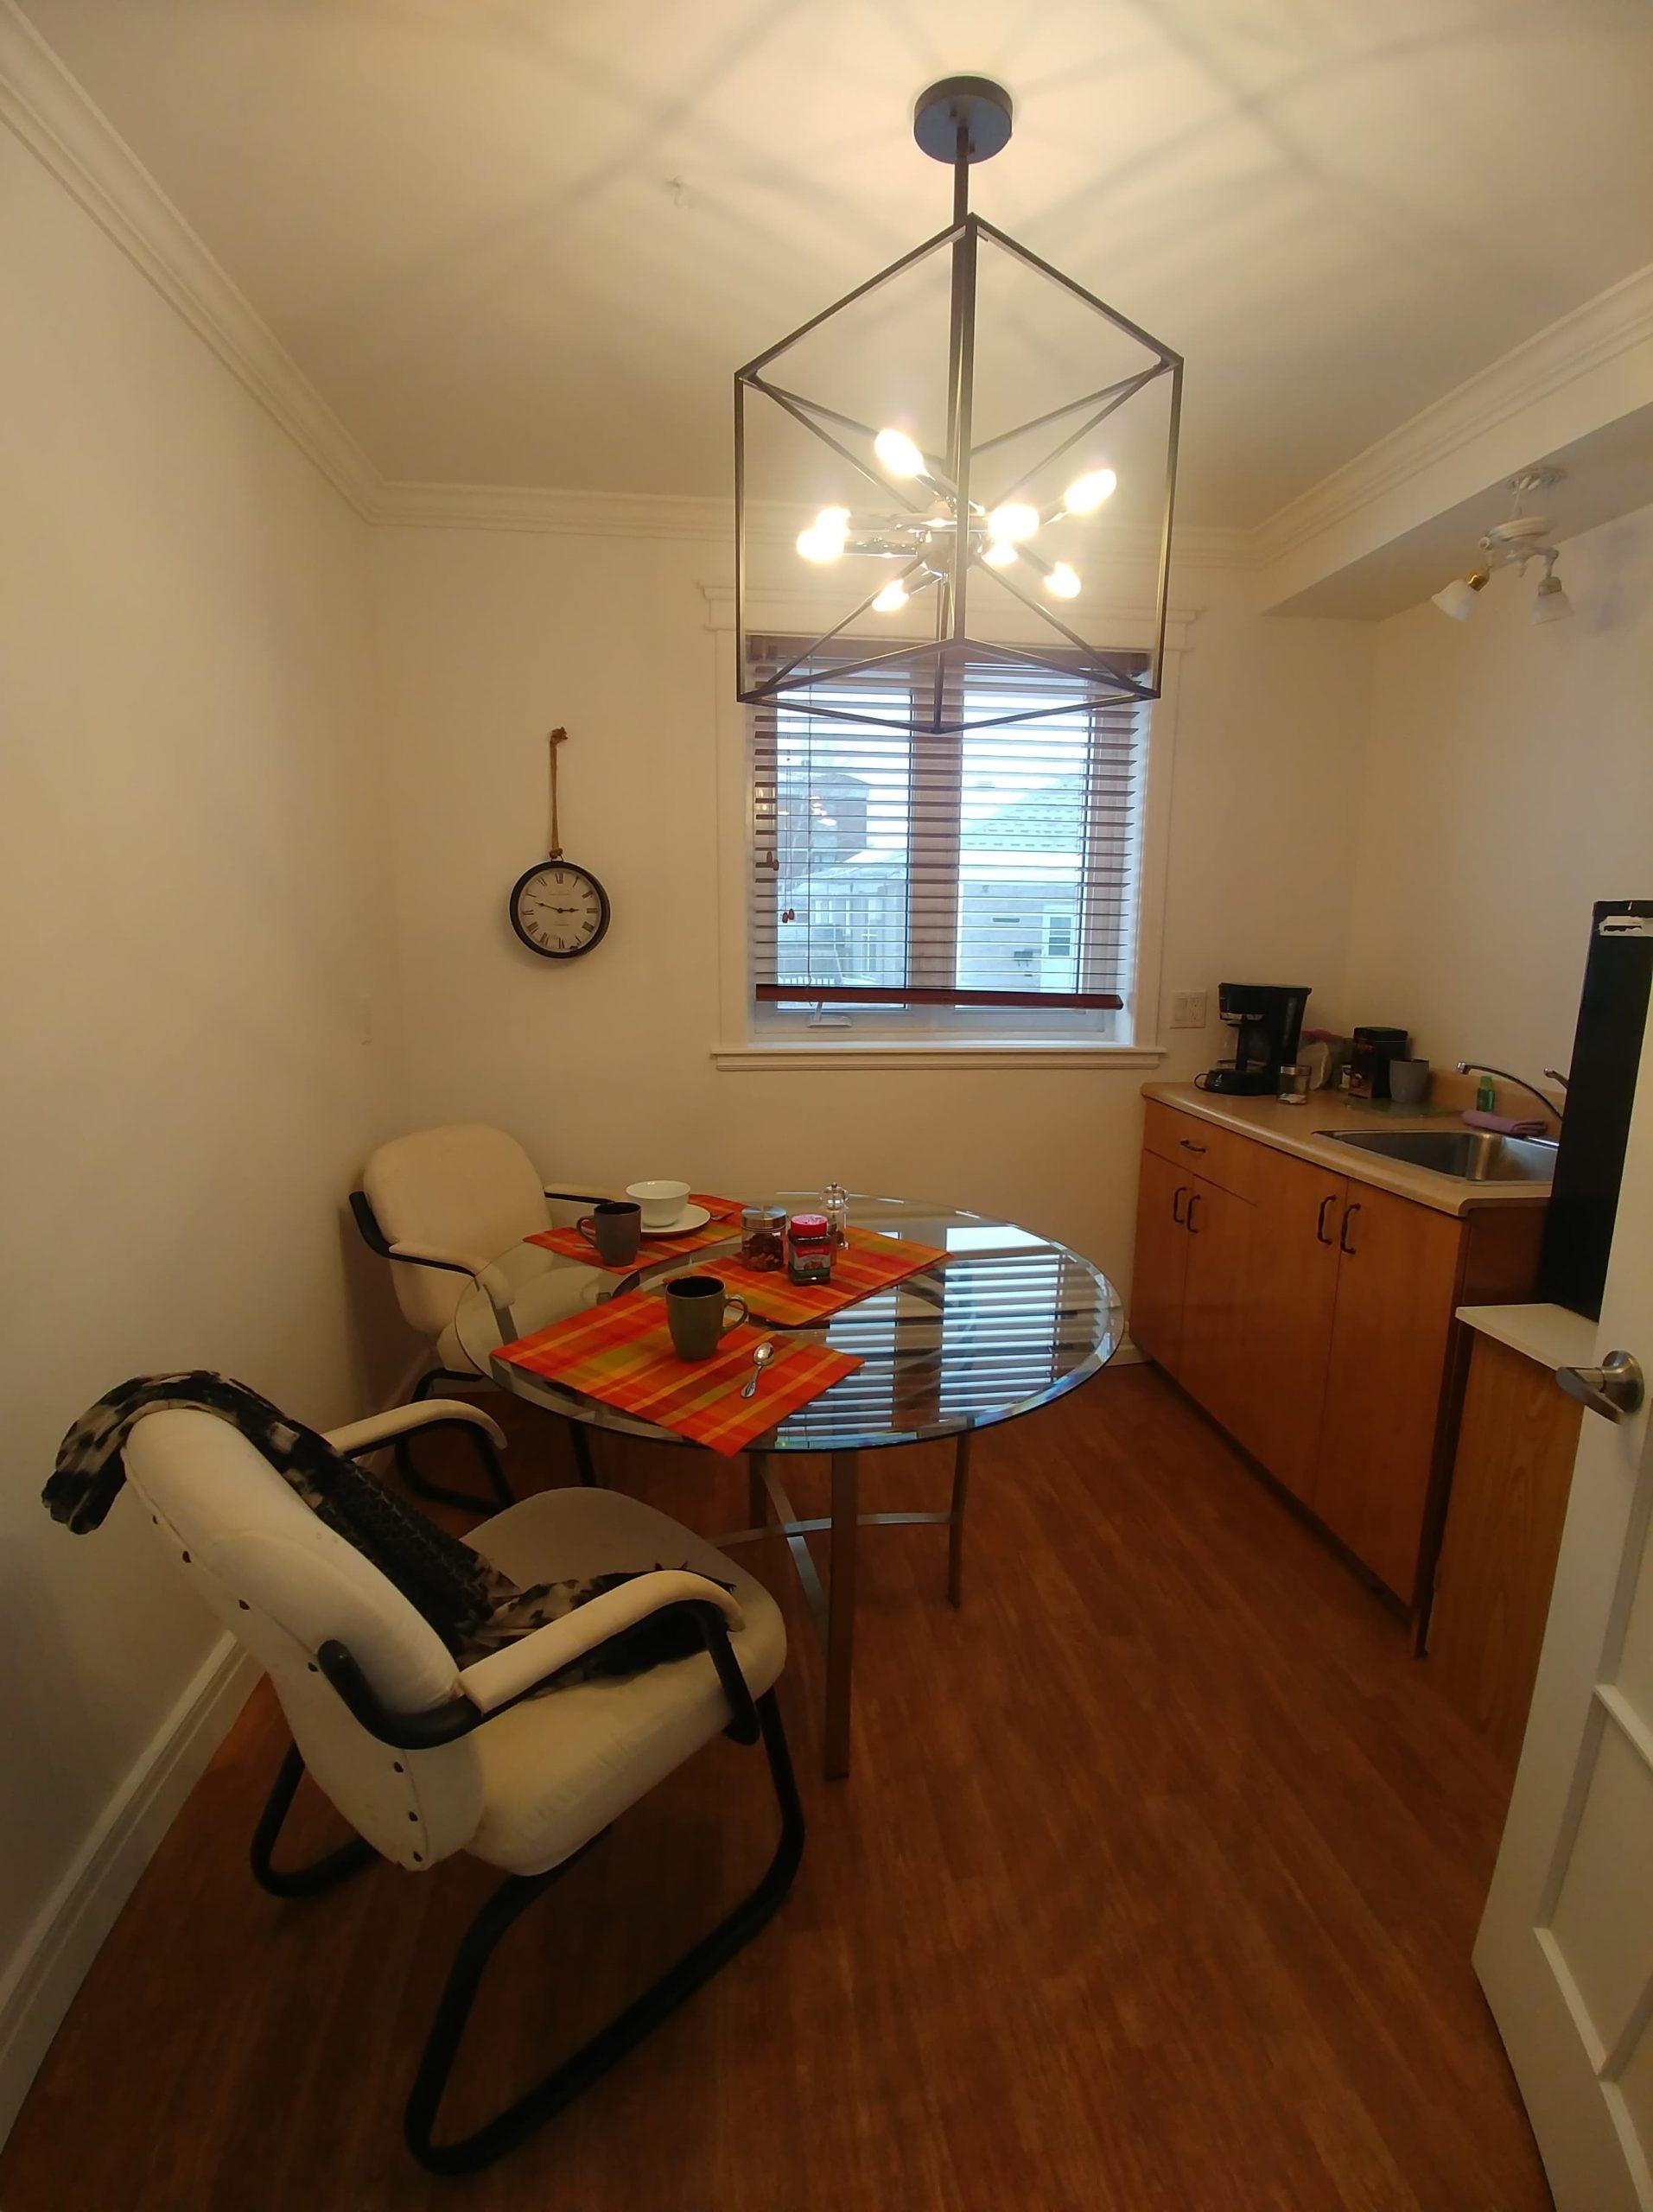 Photo 9 : Espace de bureau pour professionnel, Tout inclus. Secteur L'Ancienne-Lorette